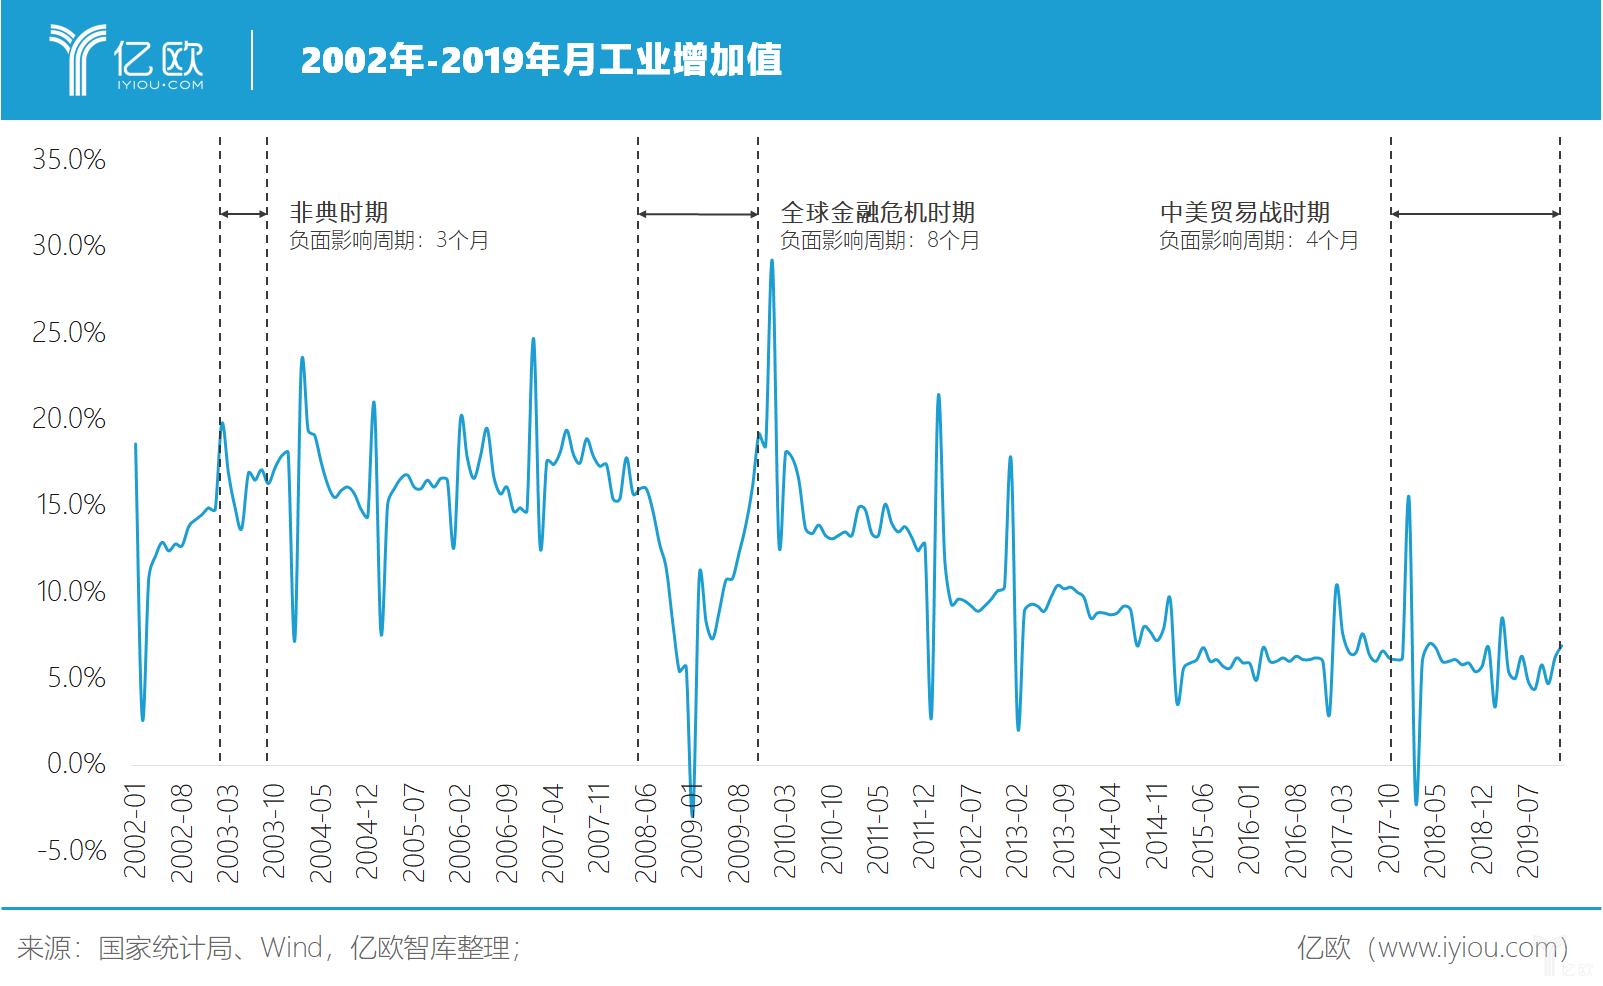 亿欧智库:2002年-2019年月工业增加值